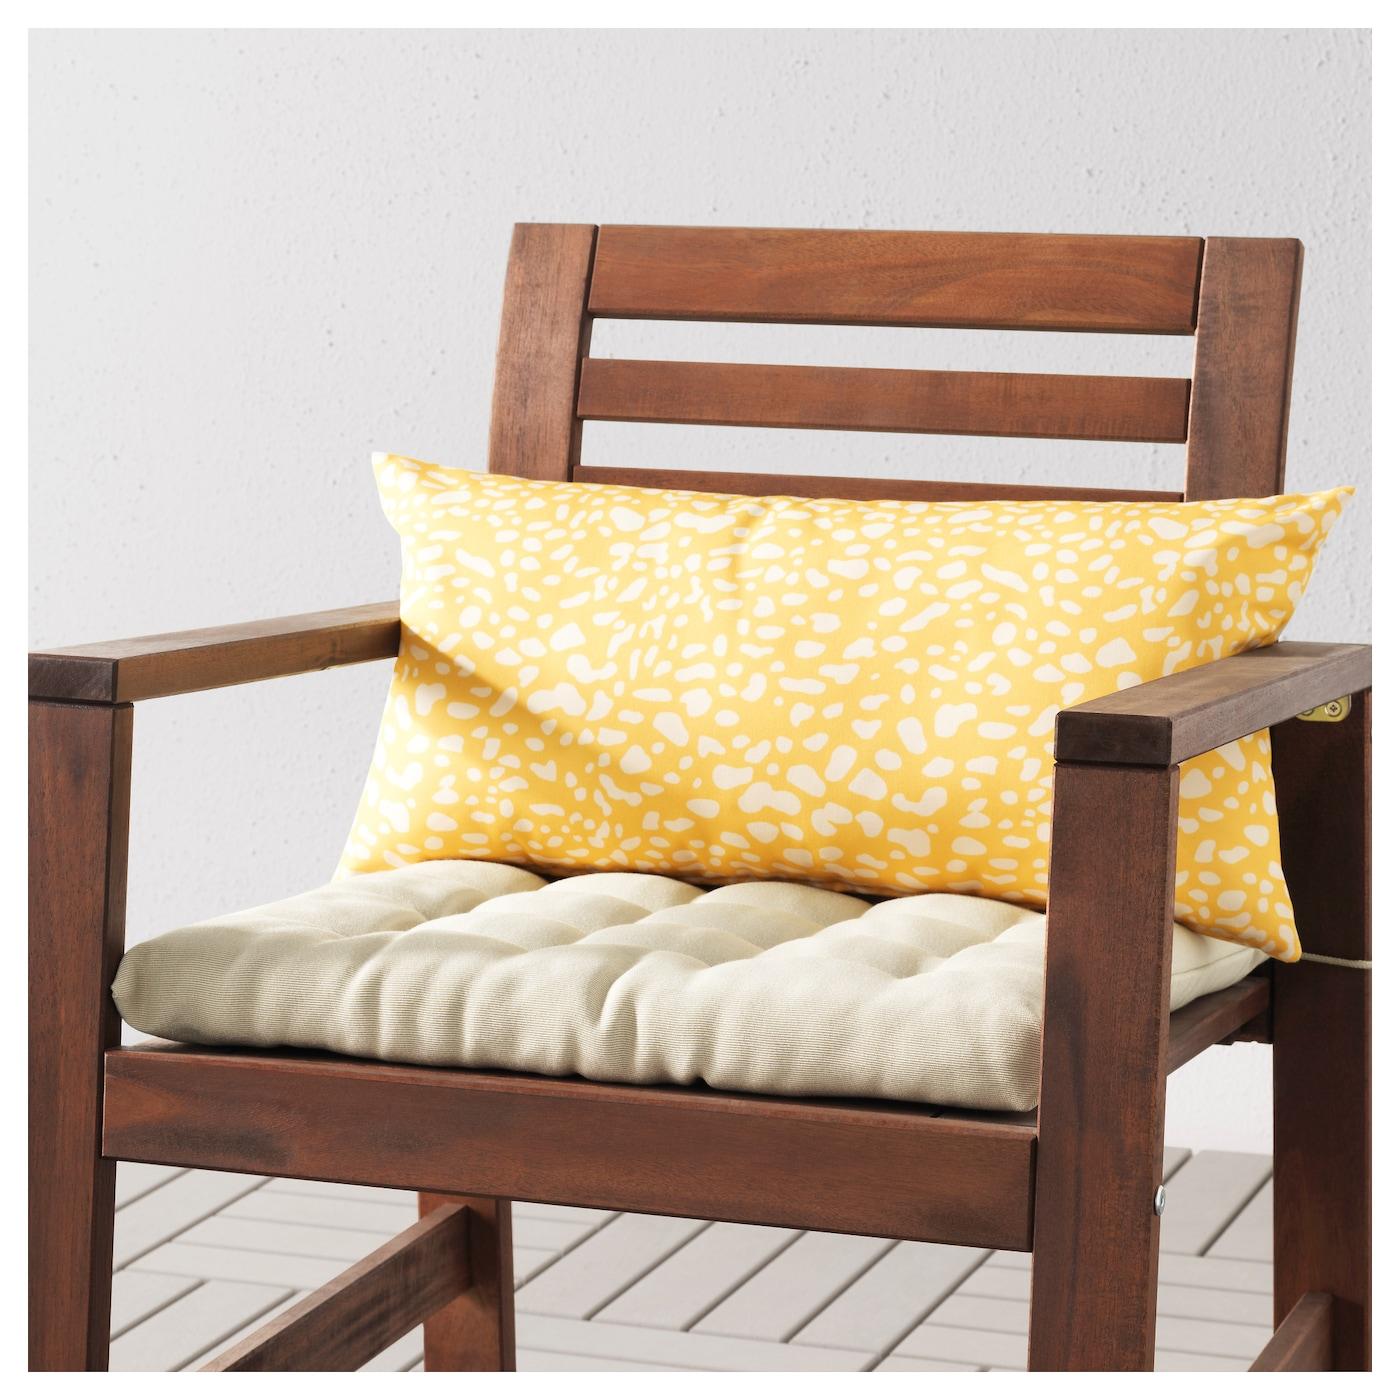 gren coussin ext rieur jaune blanc 59x30 cm ikea. Black Bedroom Furniture Sets. Home Design Ideas